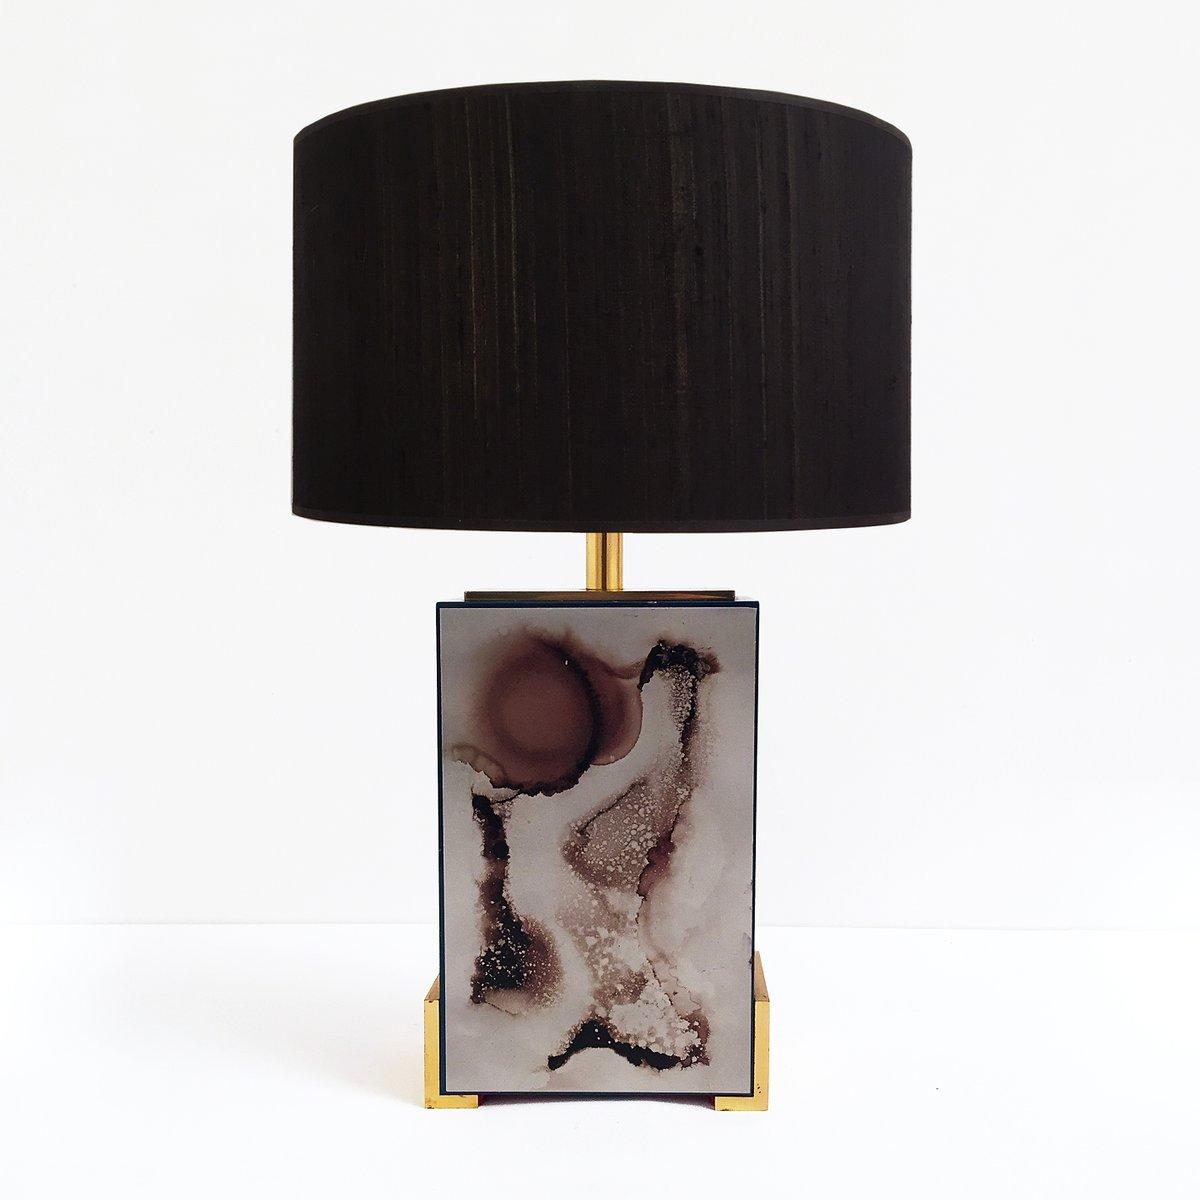 Vintage Tischlampe aus Emaille, gebranntem Chrom & Messing von J.G.